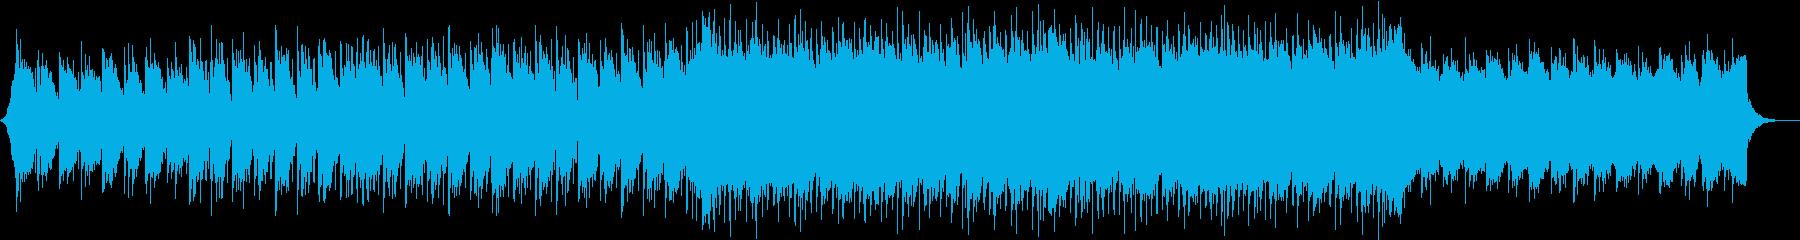 明るいエレクトロ、CM、オープニングの再生済みの波形